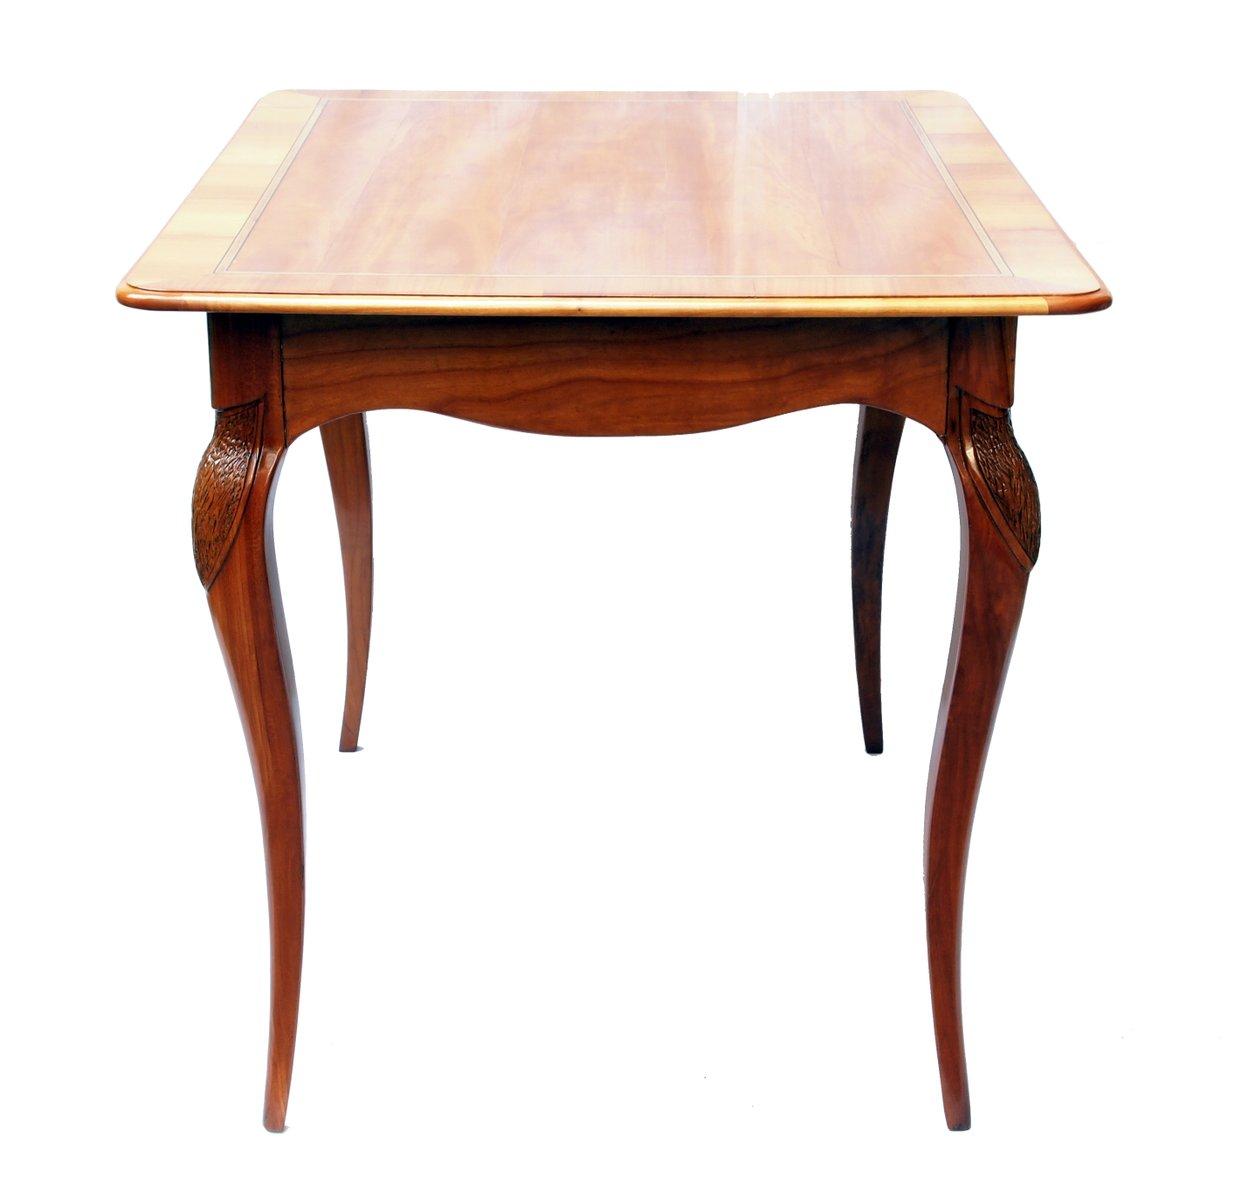 table d 39 appoint art nouveau en merisier en vente sur pamono. Black Bedroom Furniture Sets. Home Design Ideas